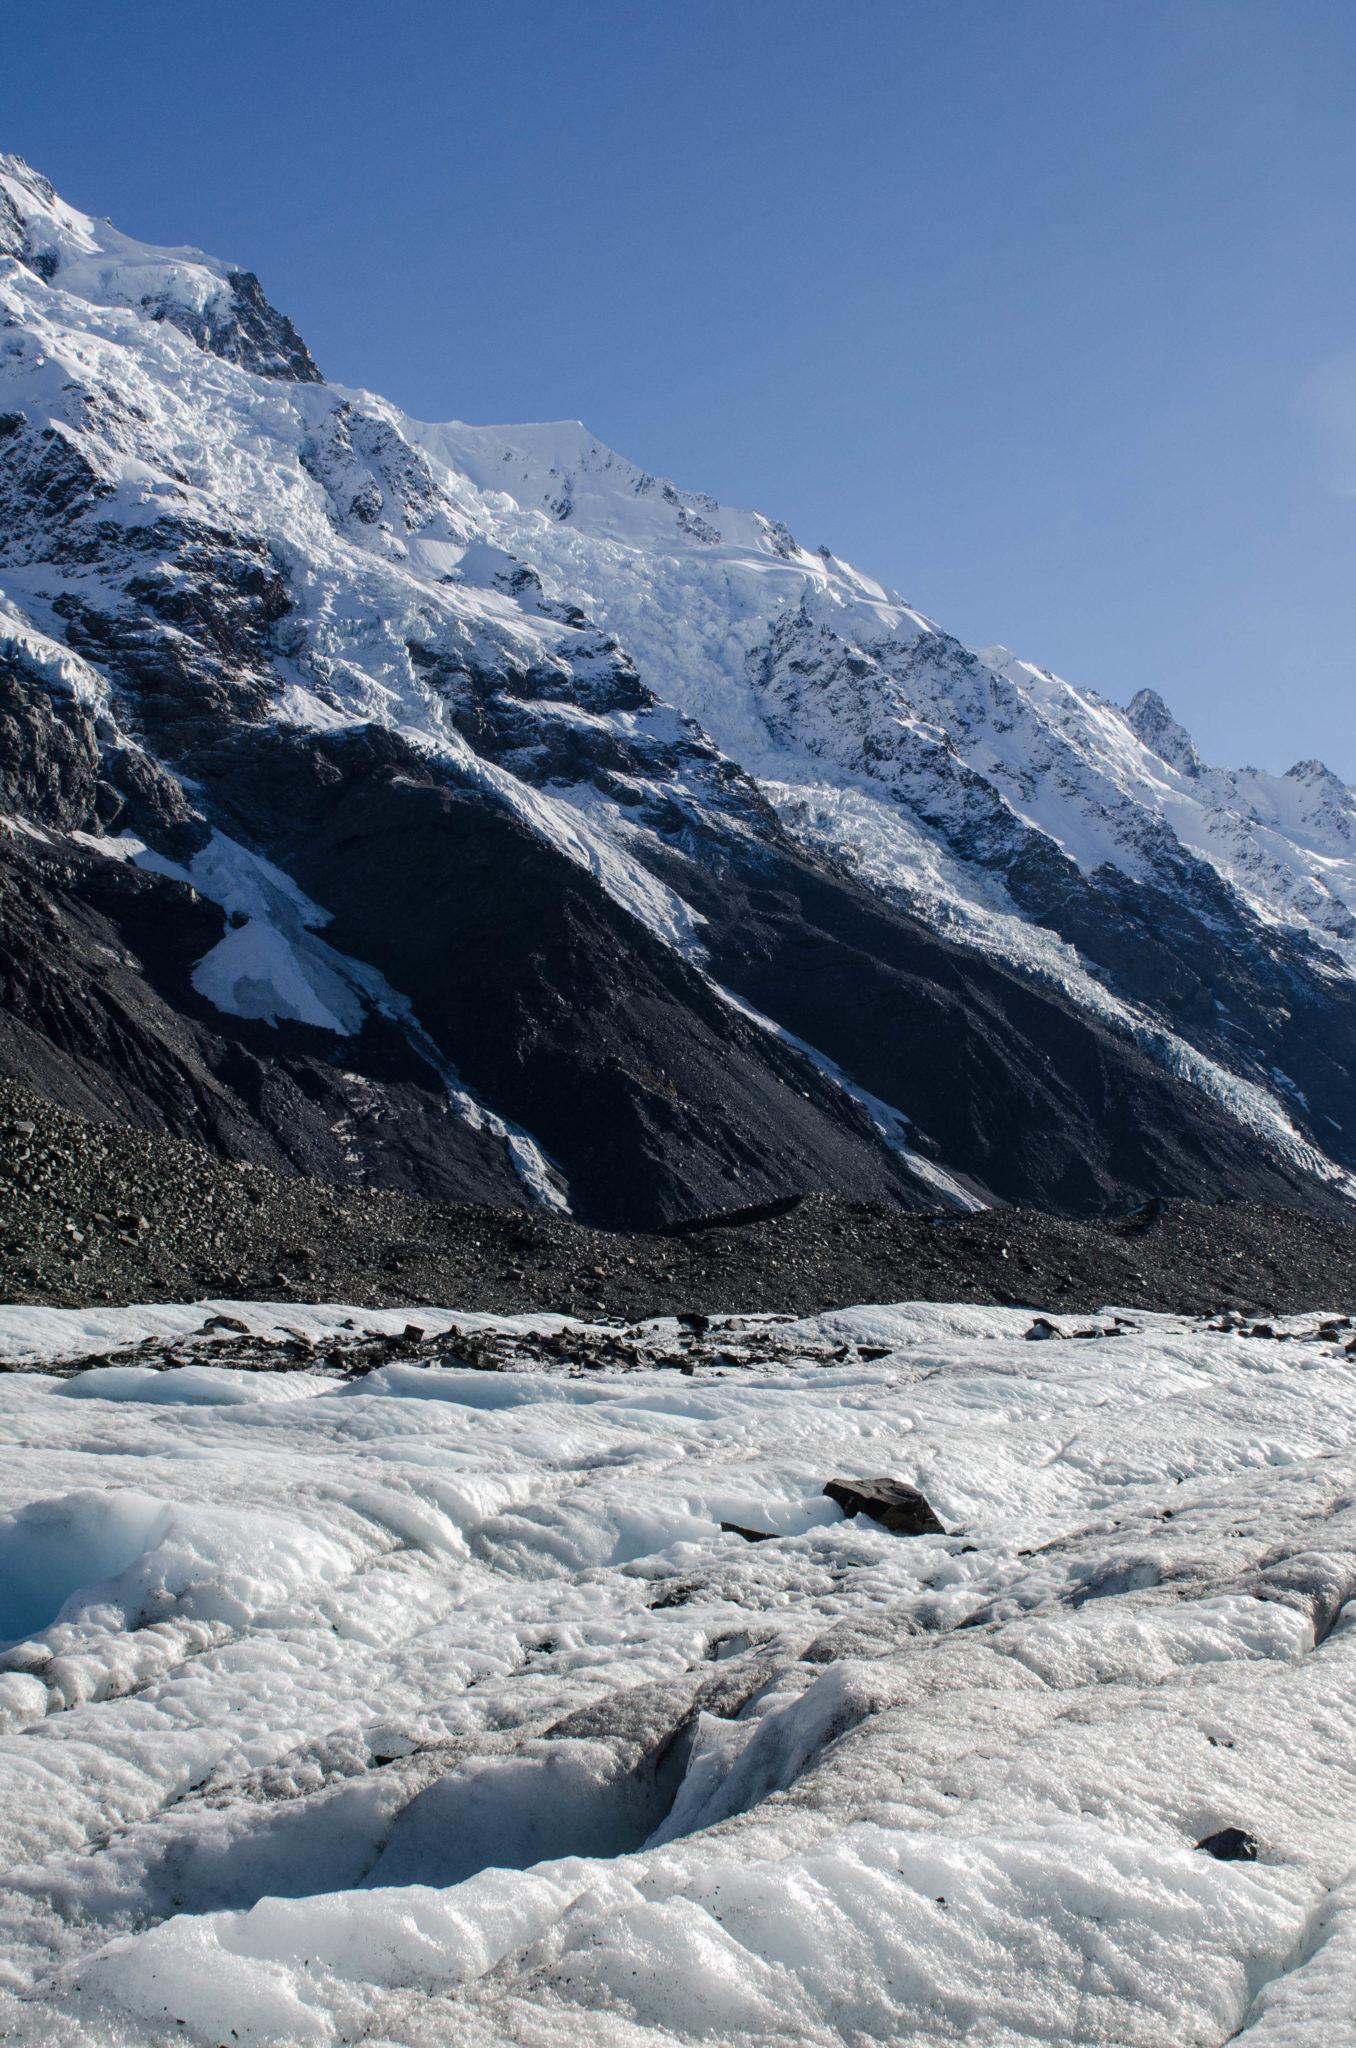 Eis und raue Berge am Mount Cook auf der Südinsel